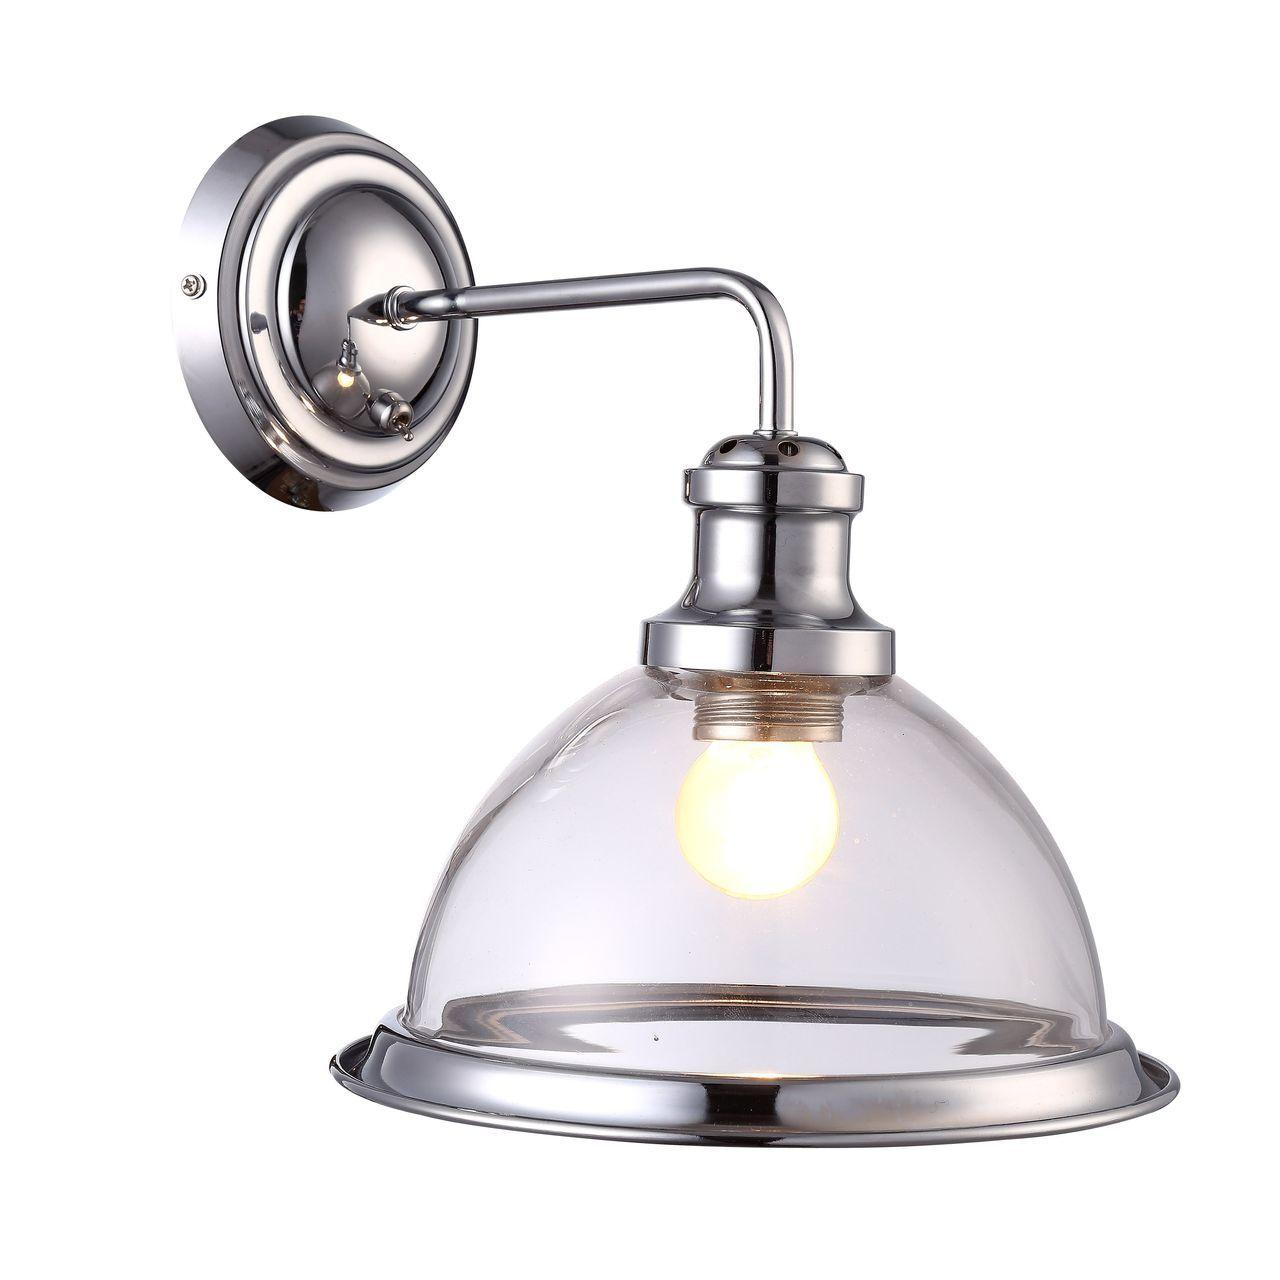 Фото - Светильник настенный Arte Lamp Oglio A9273AP-1CC светильник настенный arte lamp north a5896ap 1cc